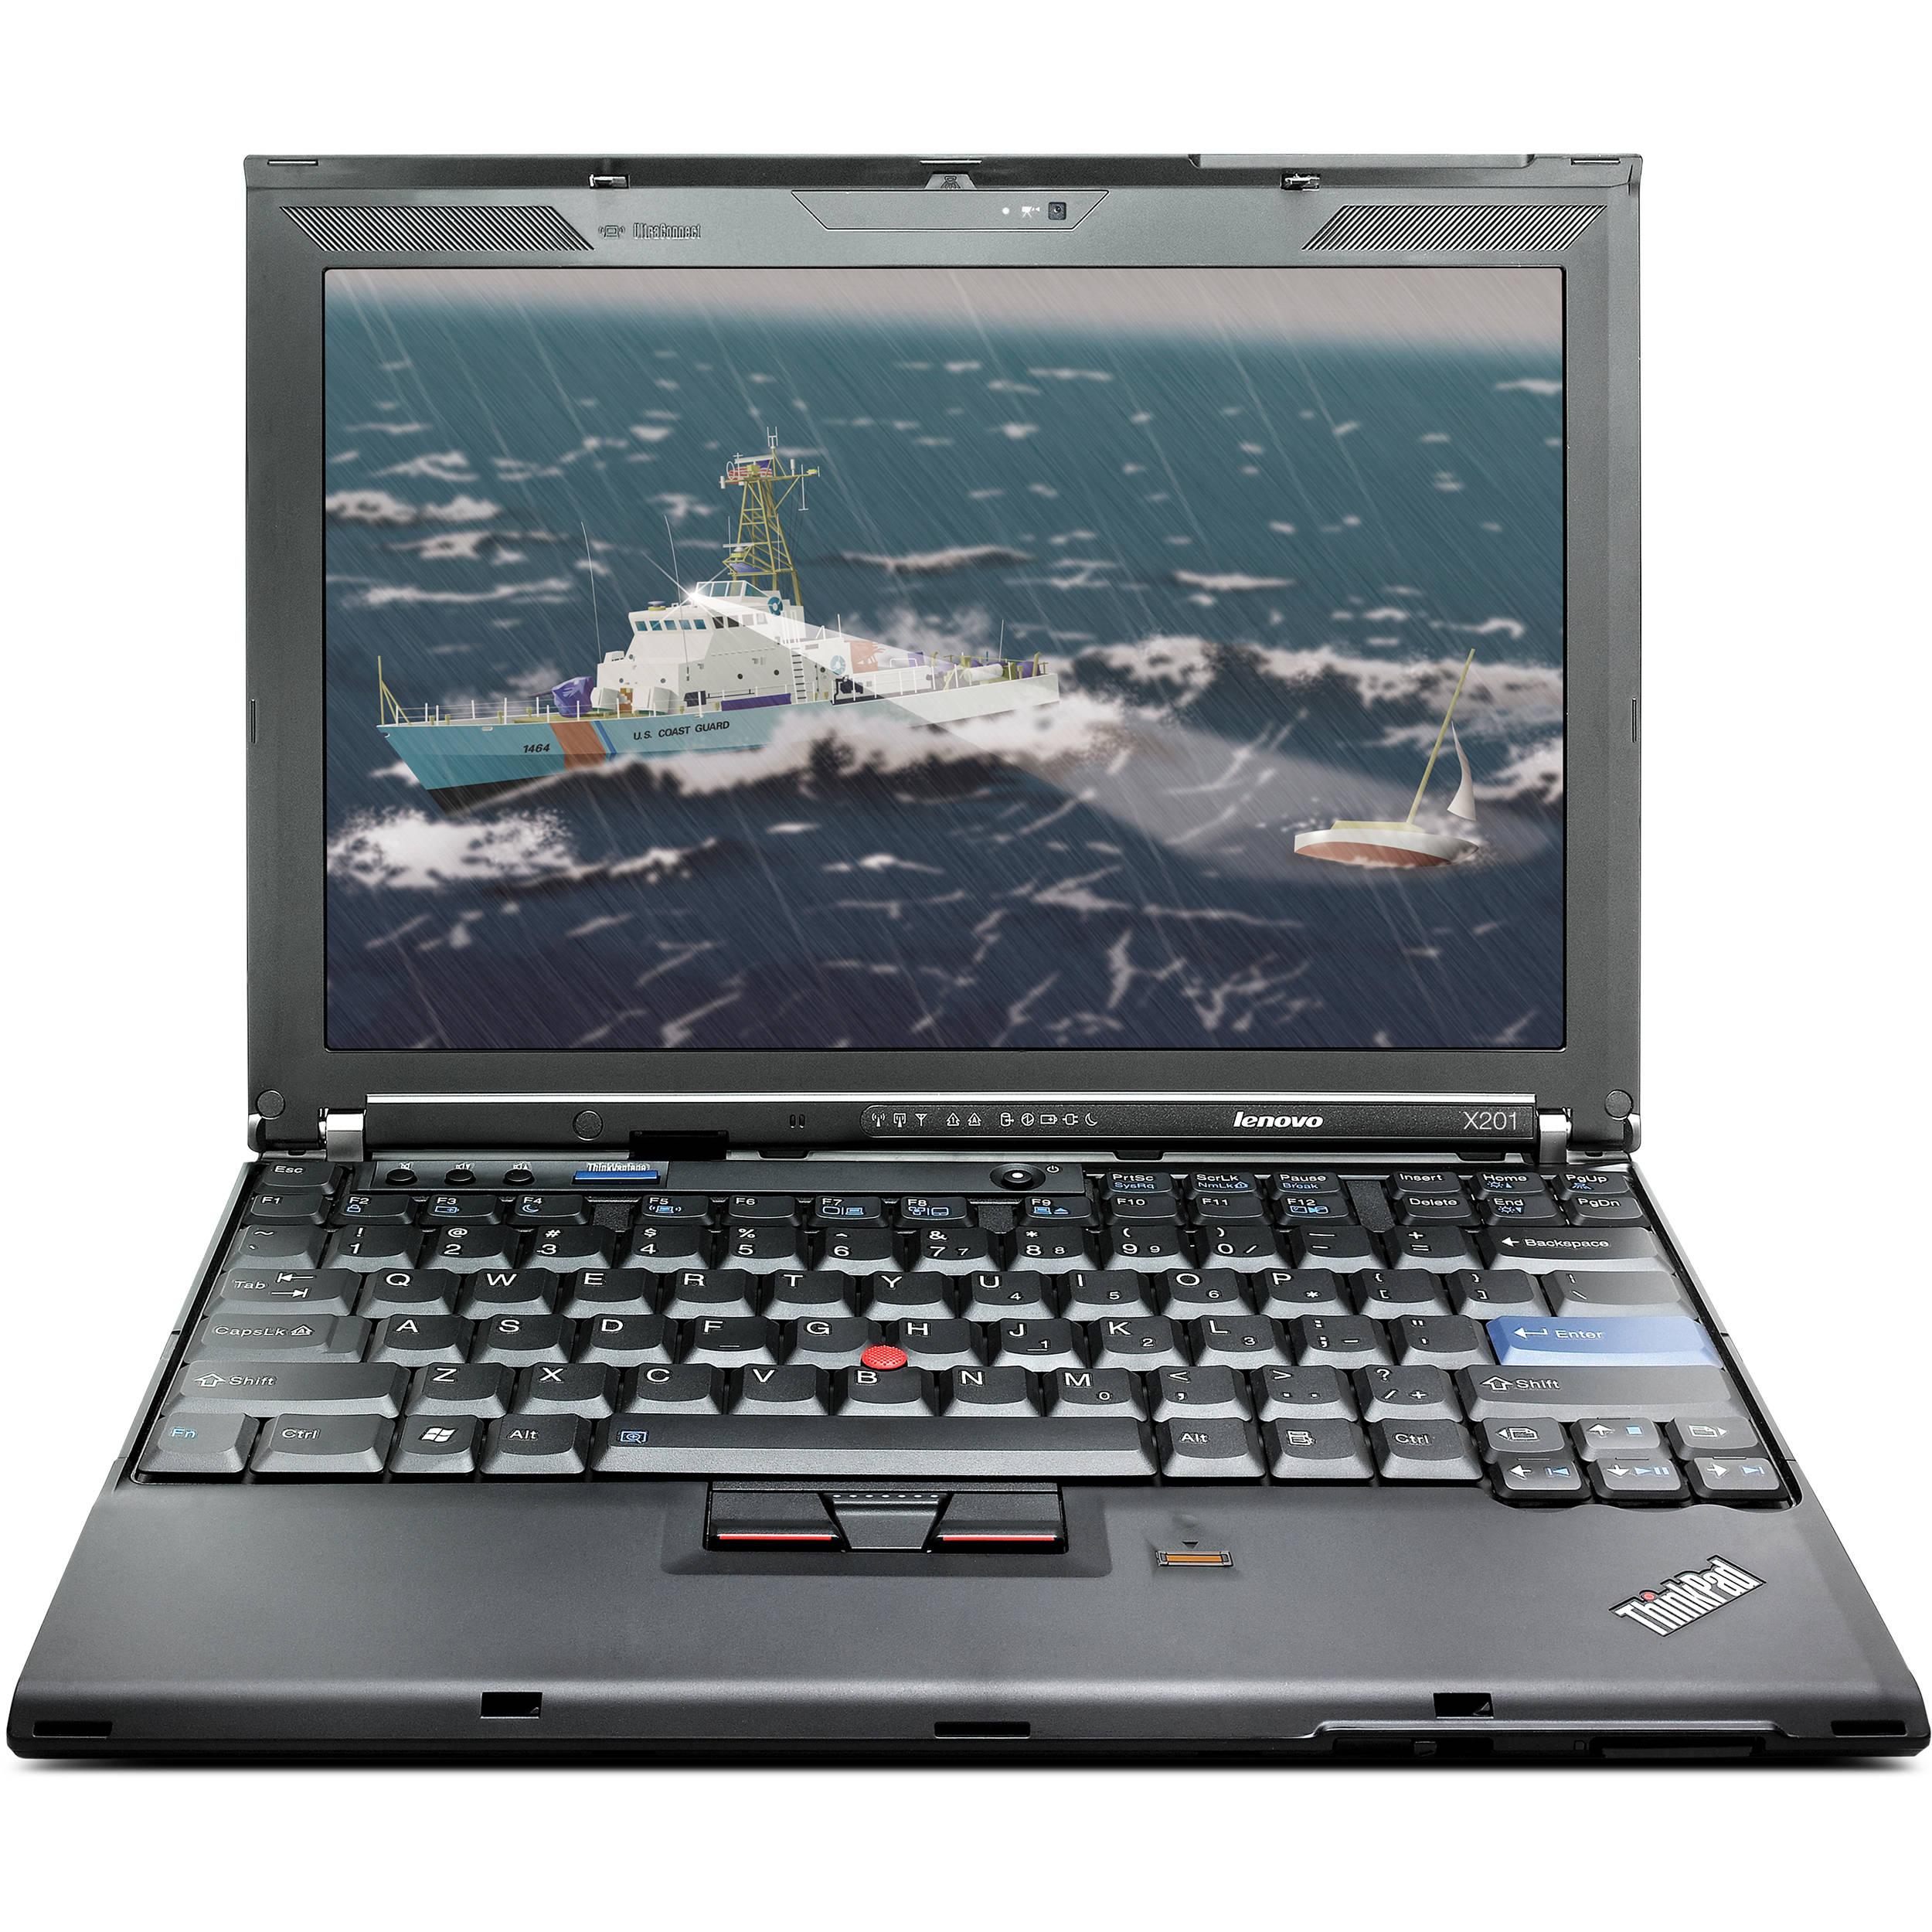 Lenovo ThinkPad X220i 12 5